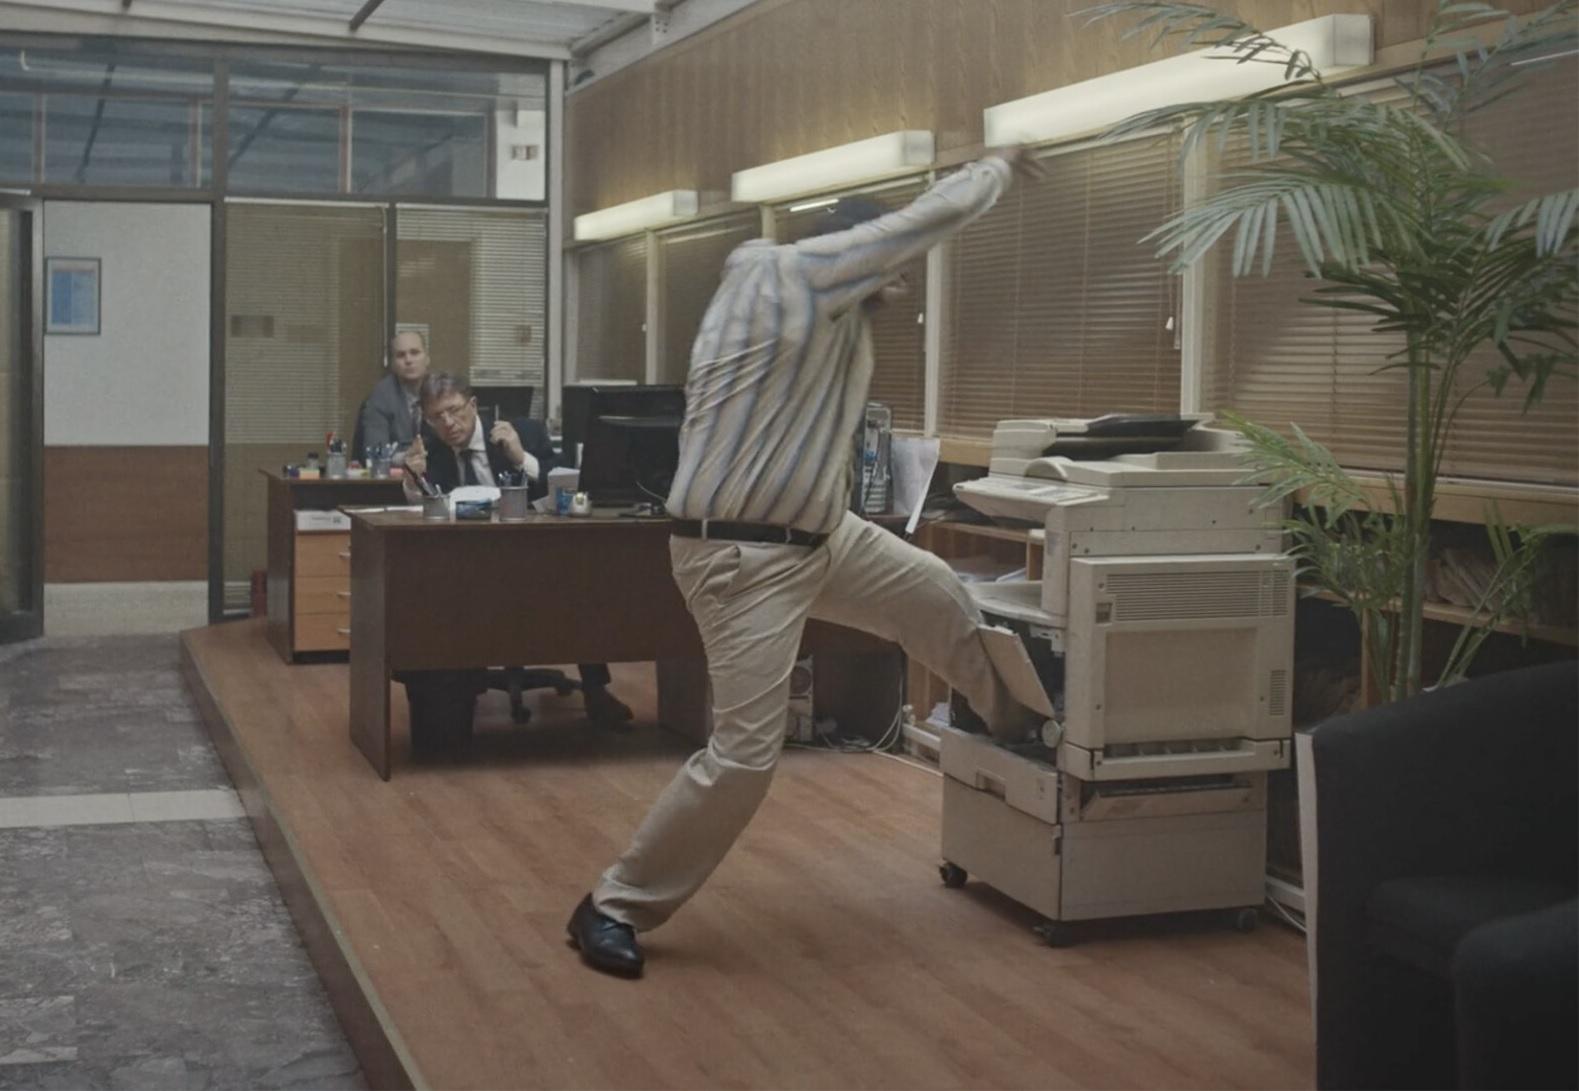 лунная походка офисная ярость когда все бесит